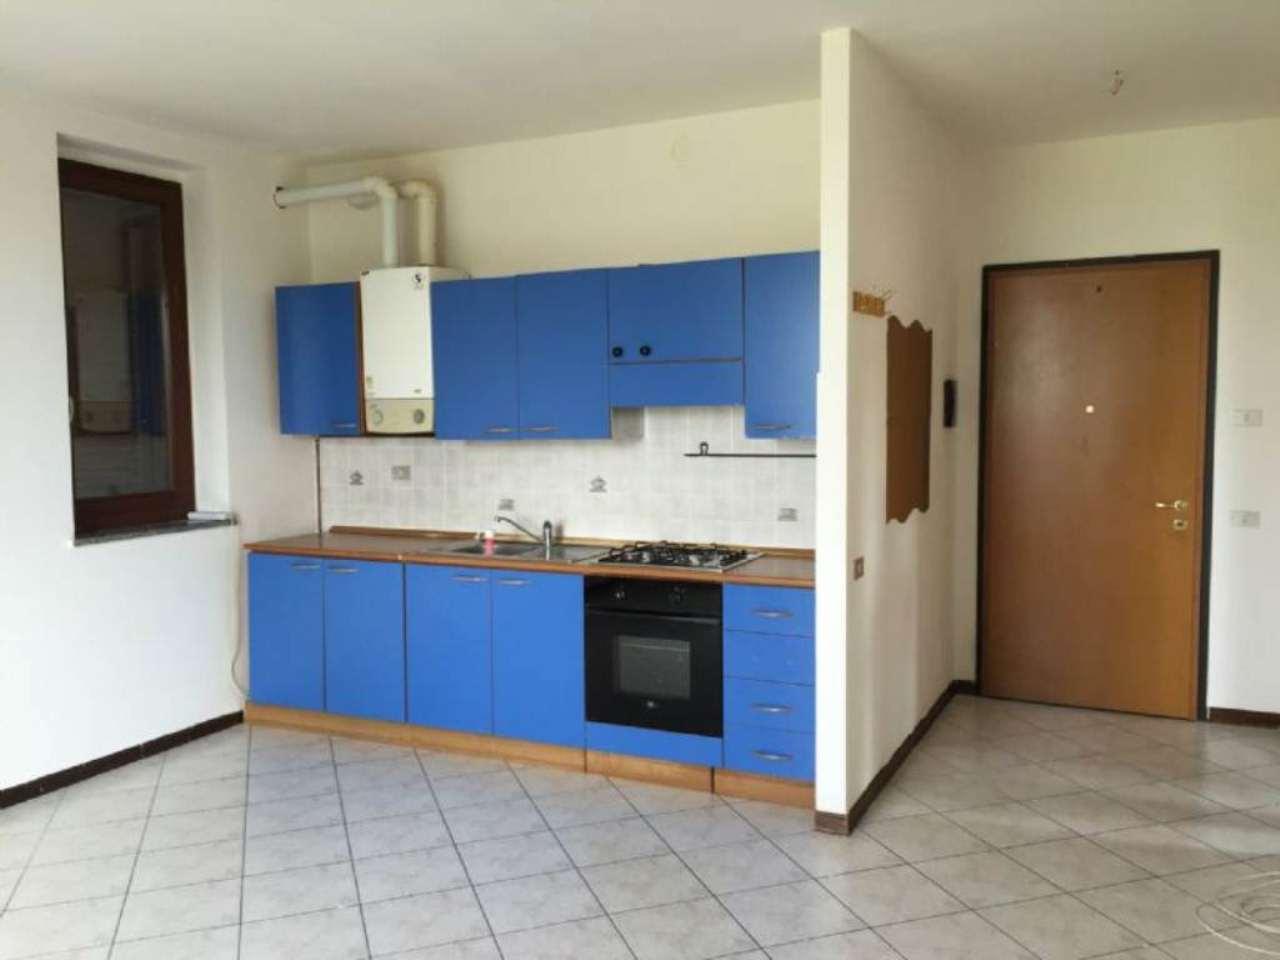 Appartamento in affitto a San Martino in Strada, 2 locali, prezzo € 490 | Cambio Casa.it